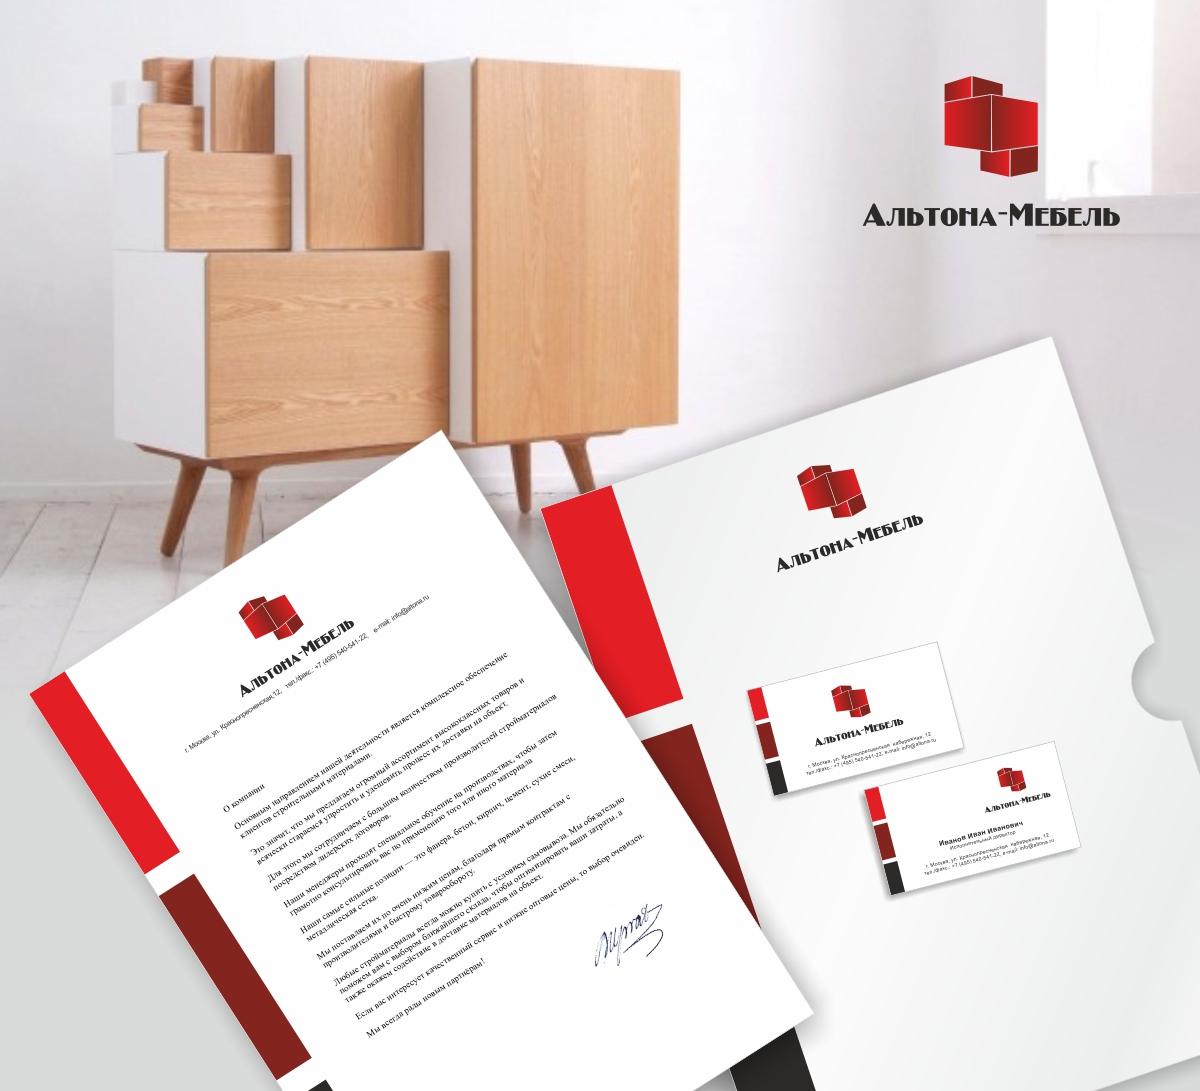 Мебельная компания Алтона